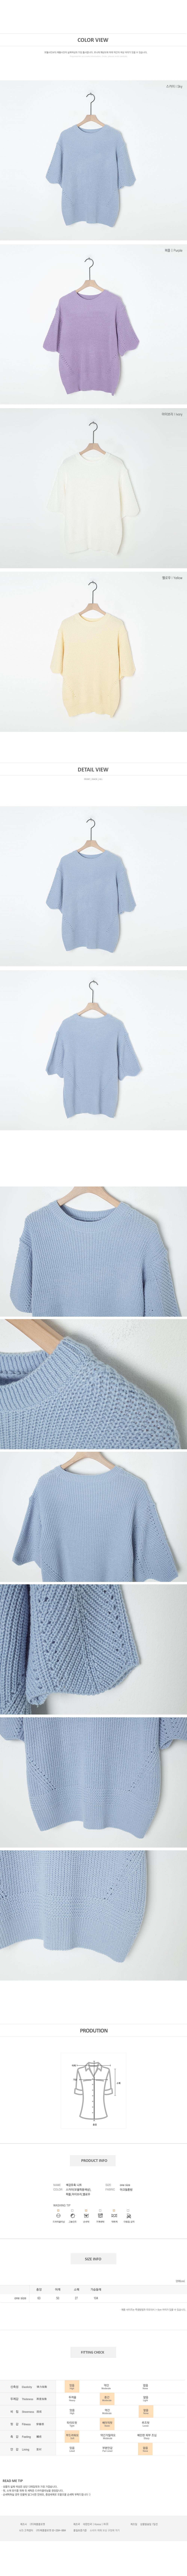 Knit temptation color